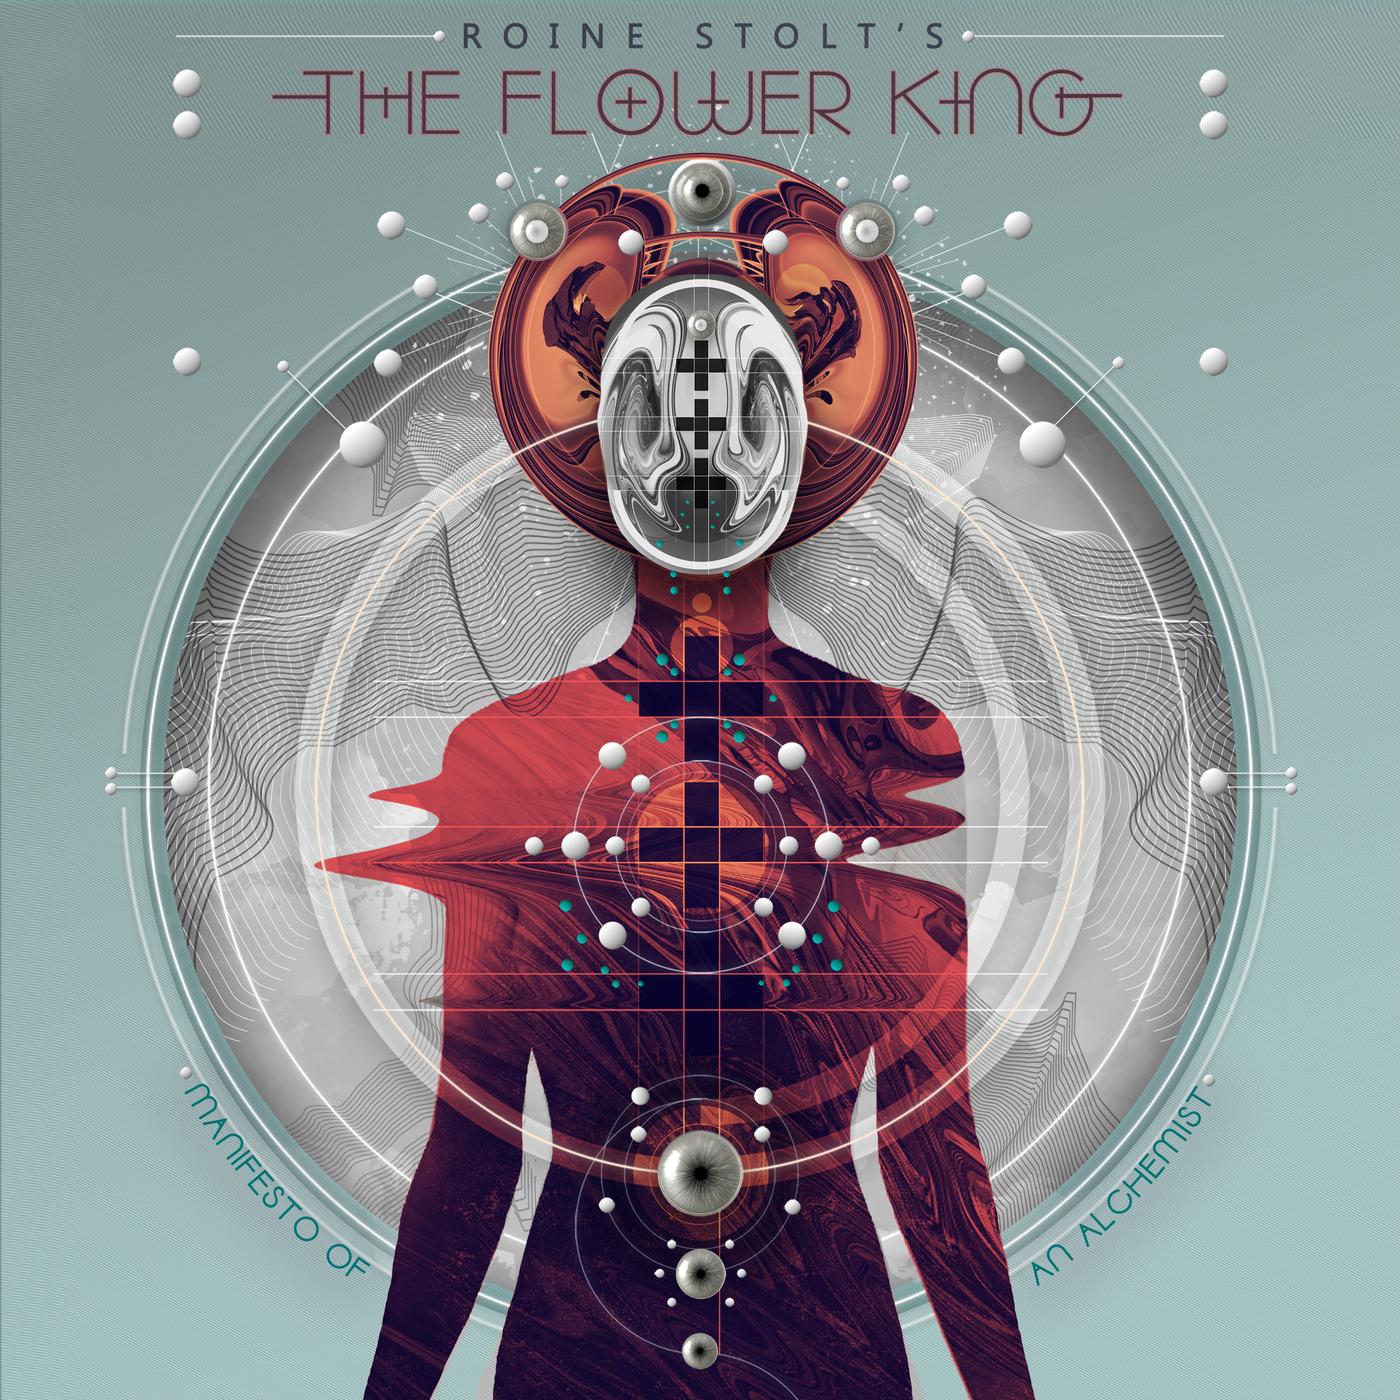 Manifesto Of An Alchemist - Roine Stolt's The Flower King